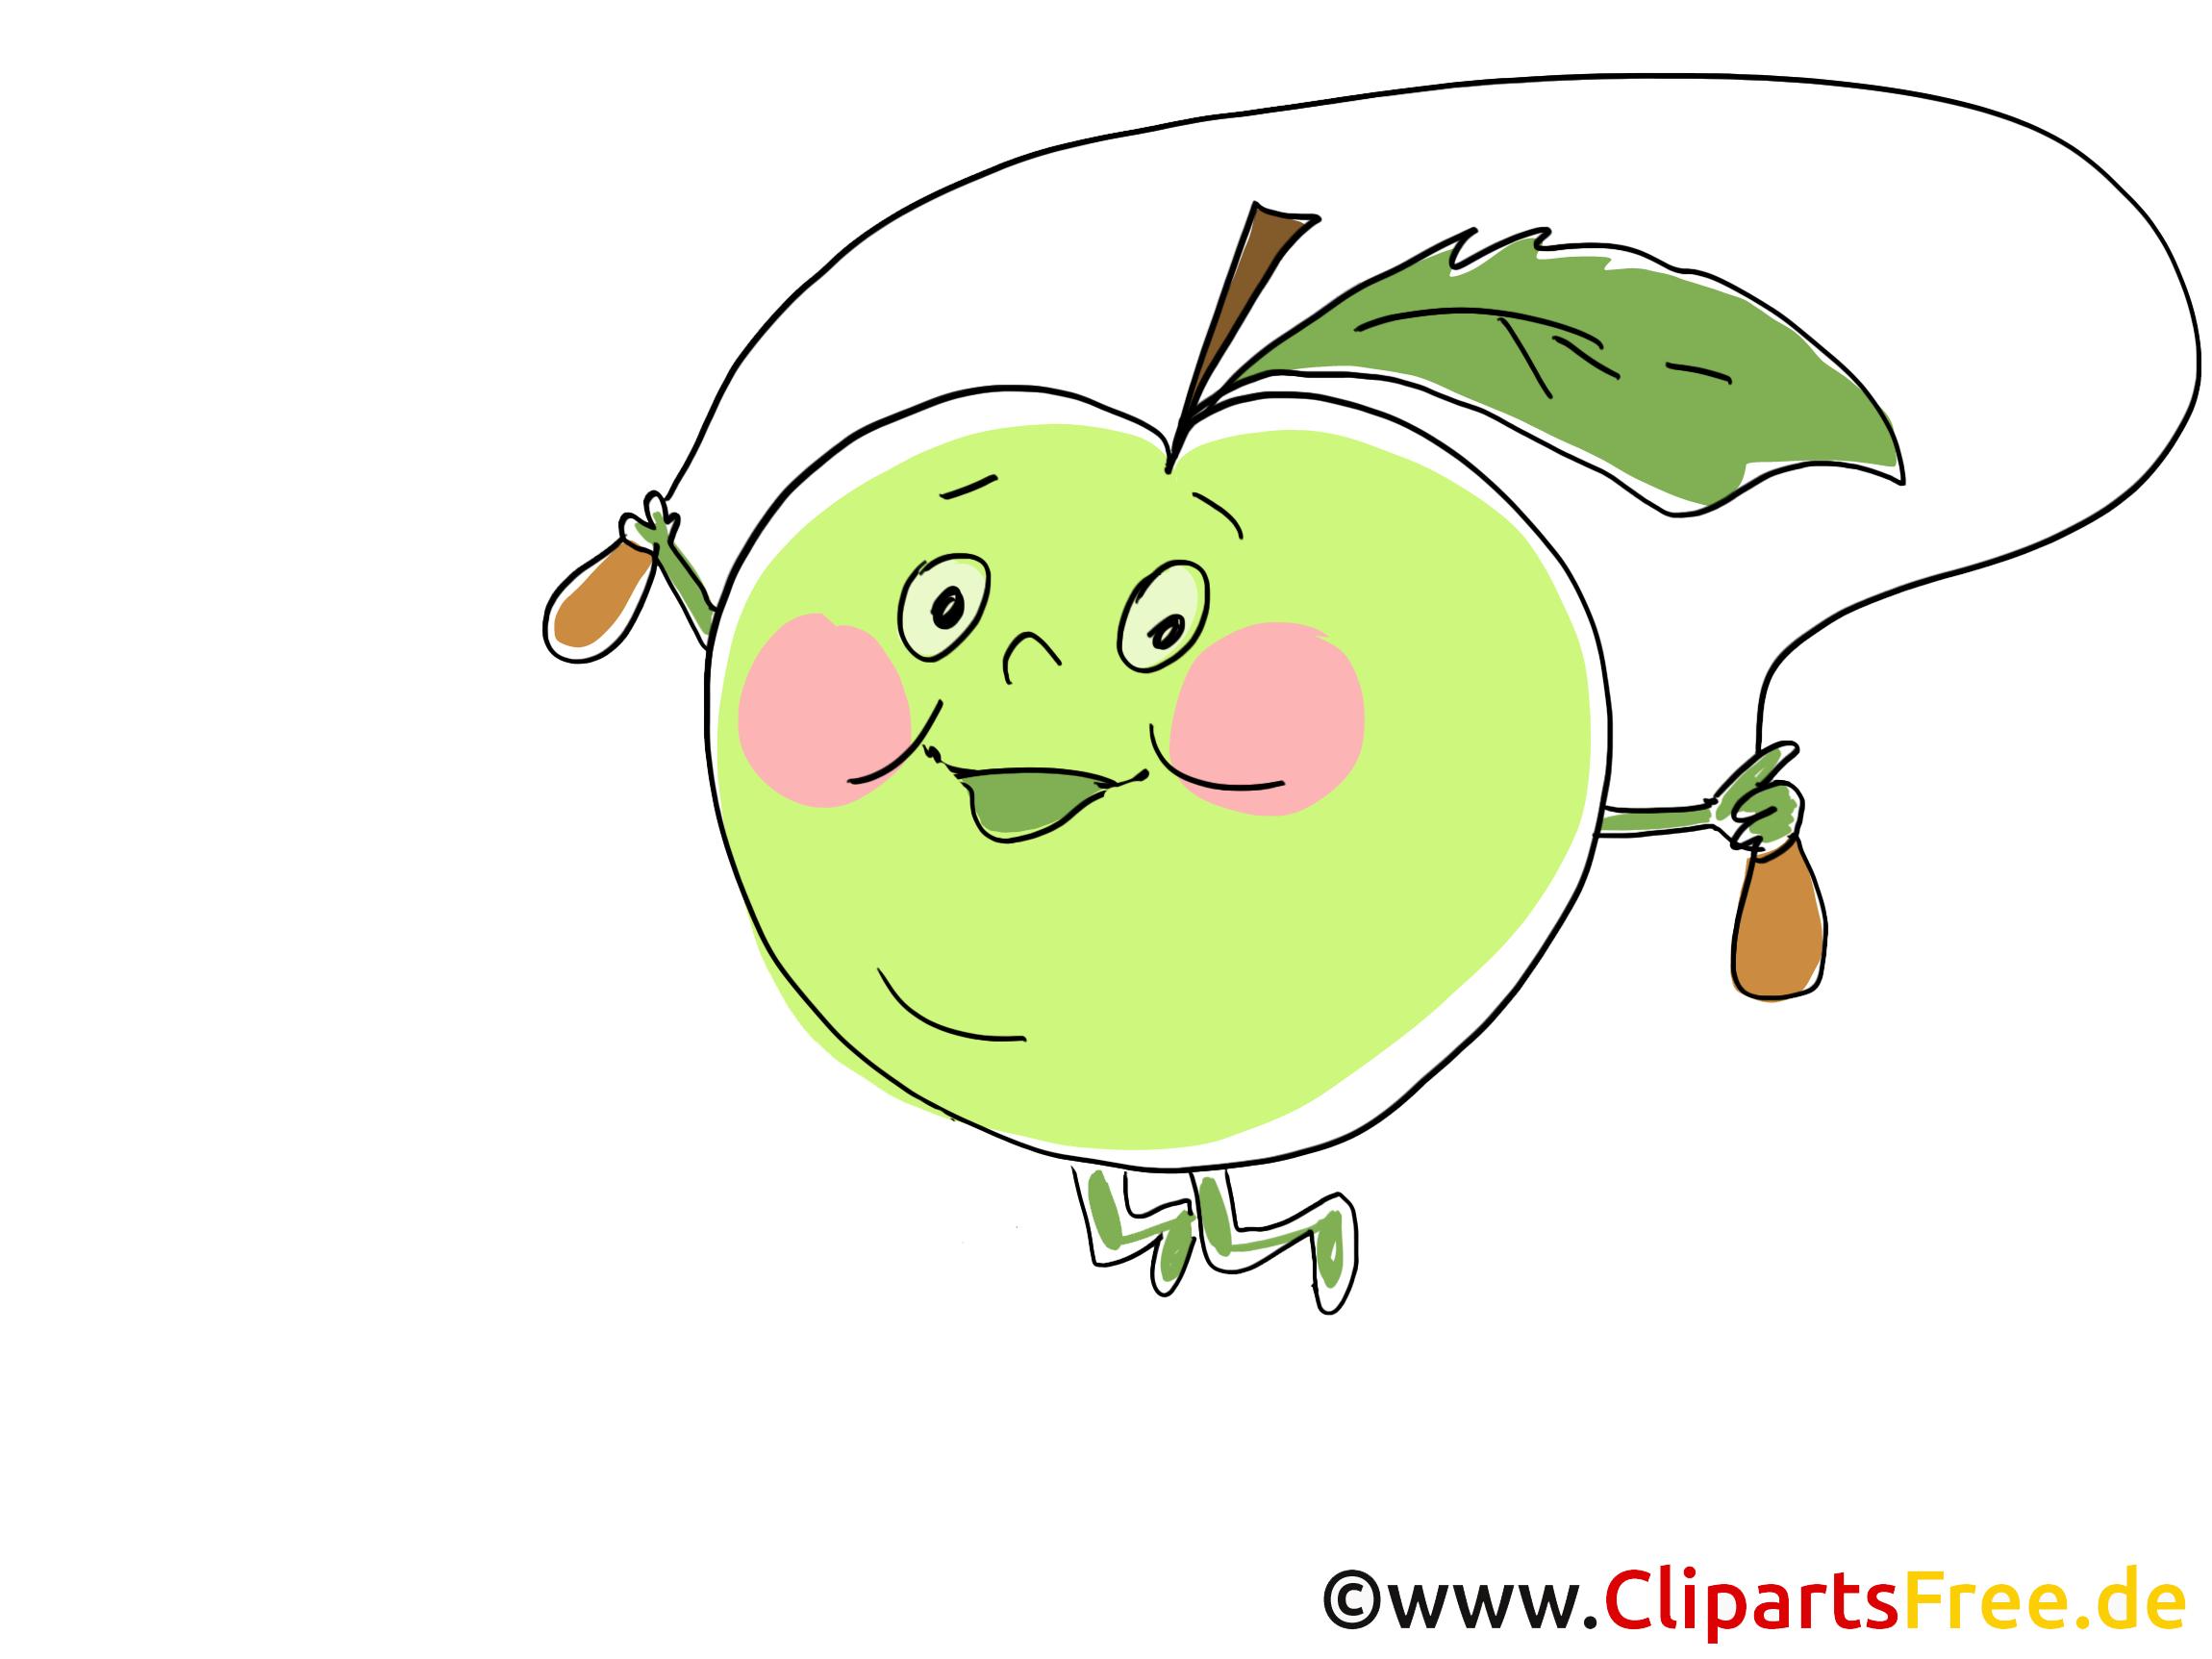 Dessin pomme - Fruits cliparts à télécharger